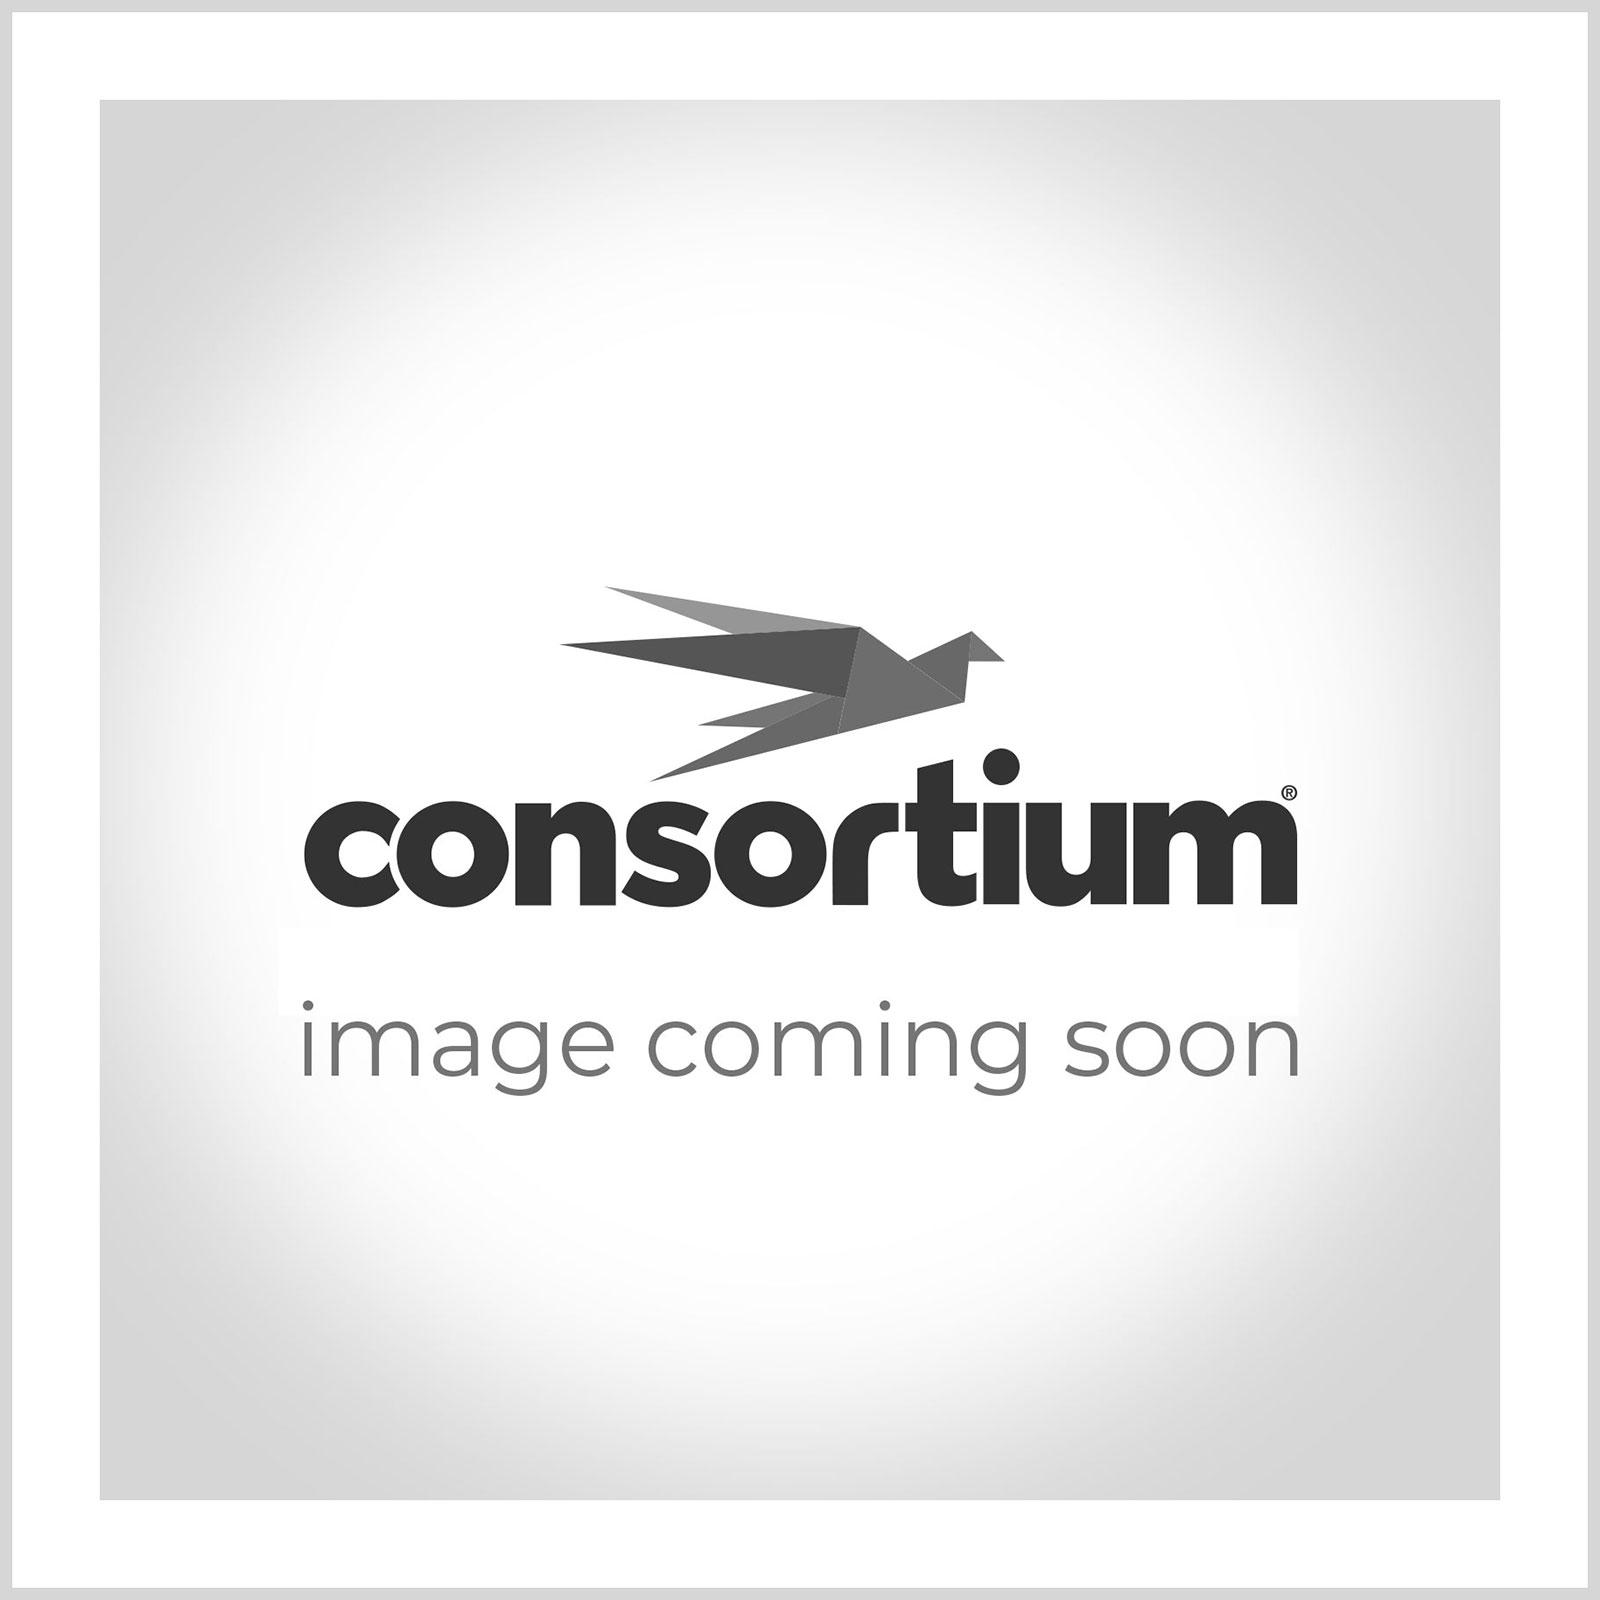 A4 Premier Elements Fire Premium Paper